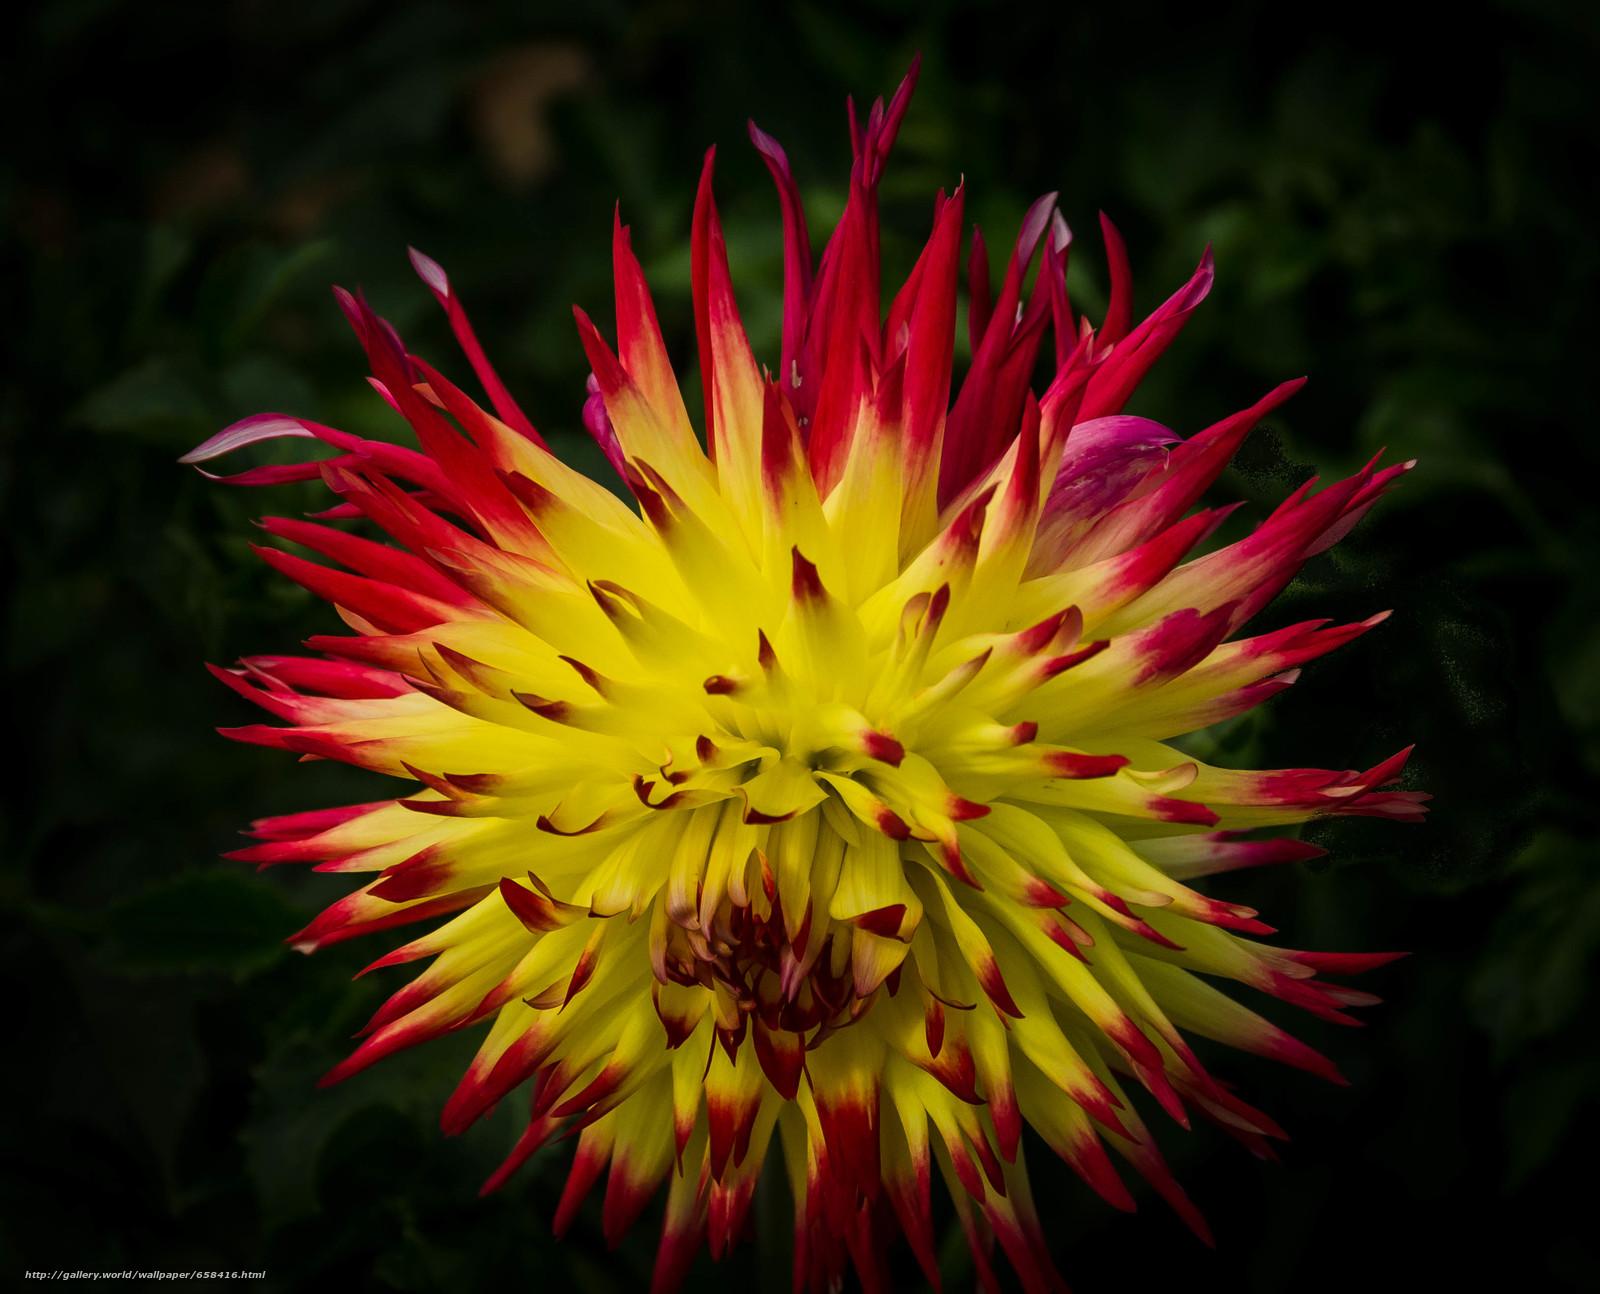 Скачать обои цветок,  цветы,  флора,  георгин бесплатно для рабочего стола в разрешении 3255x2633 — картинка №658416